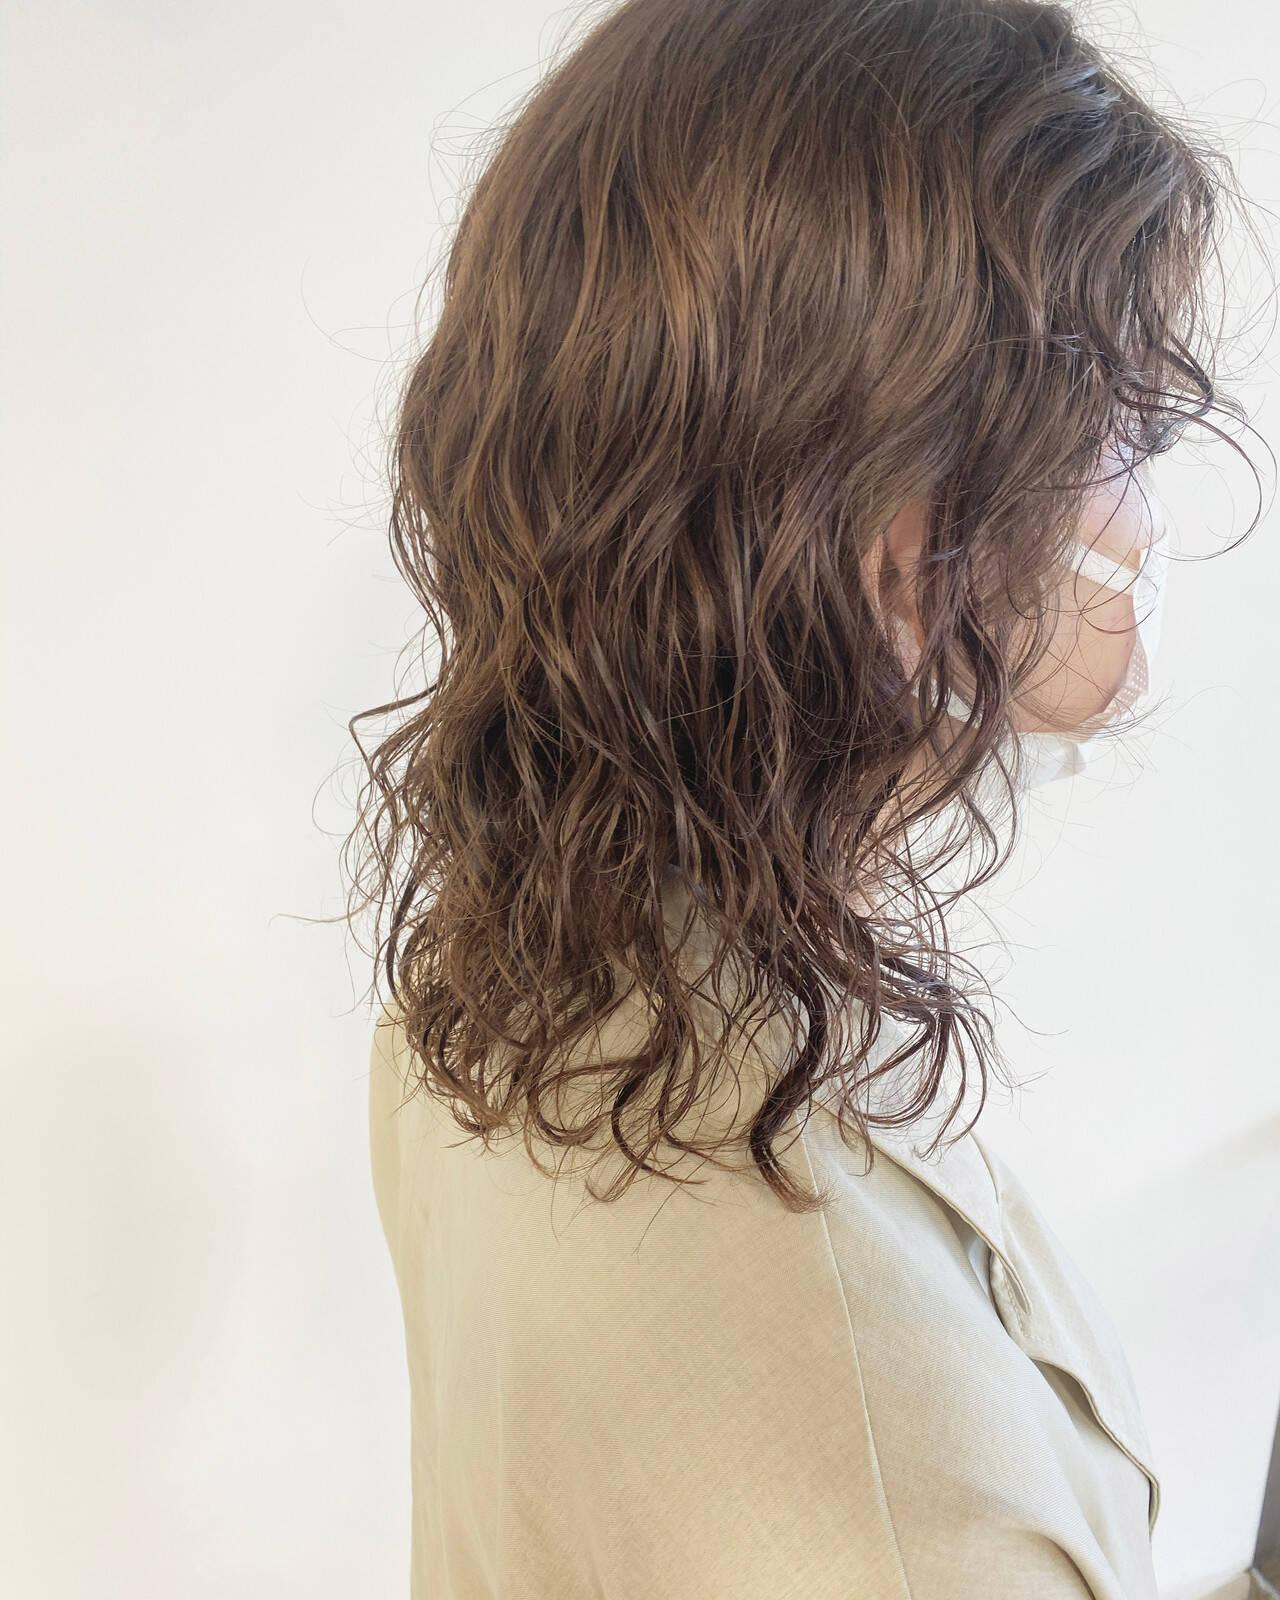 無造作パーマ ウルフカット ゆるふわパーマ パーマヘアスタイルや髪型の写真・画像